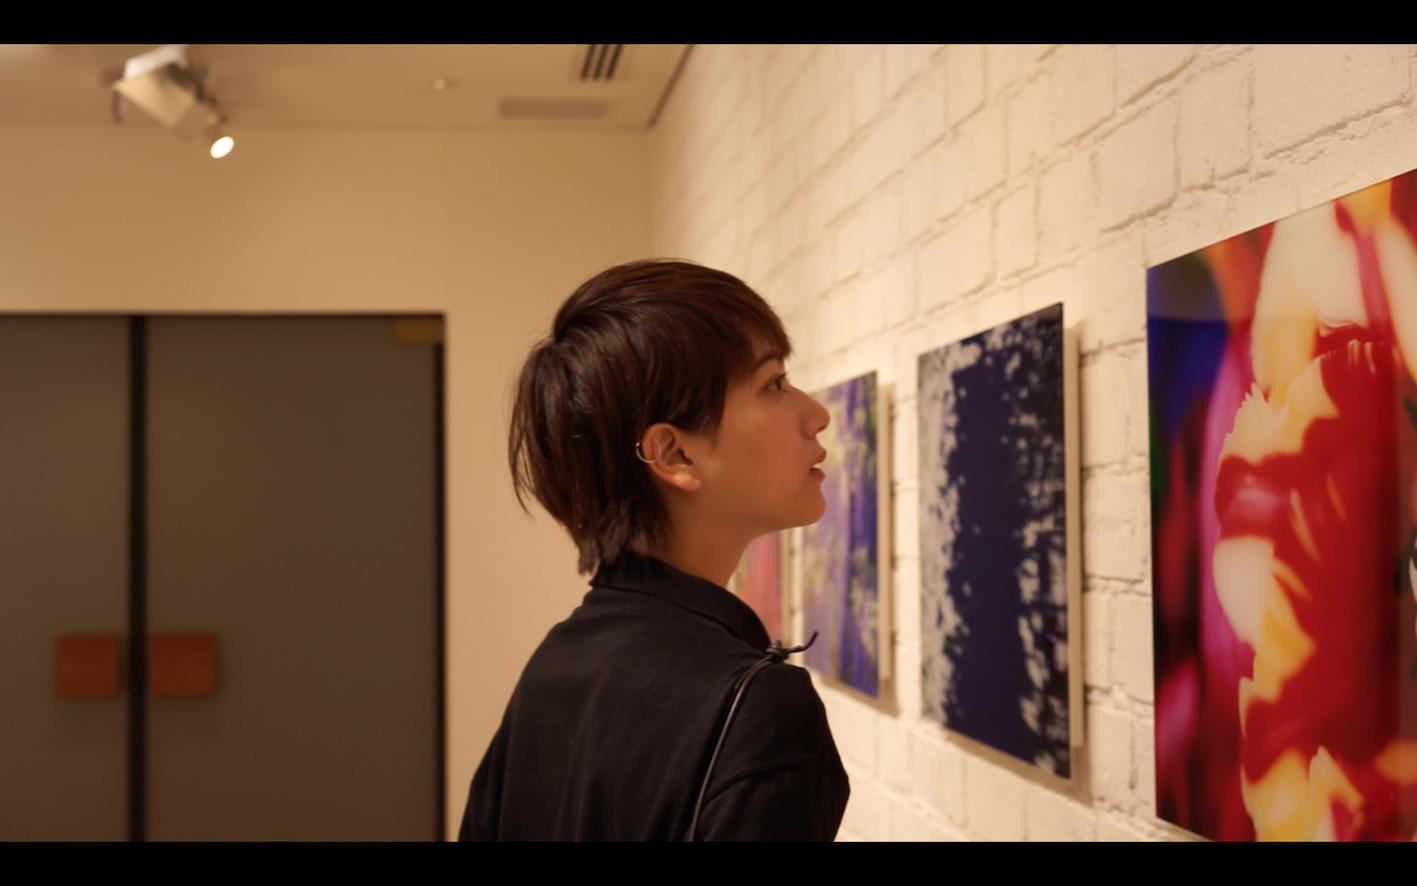 蜷川実花ワールドを体感!ソロ・エキシビションを丸の内にて開催【TOKYO ART GIRL】♯3